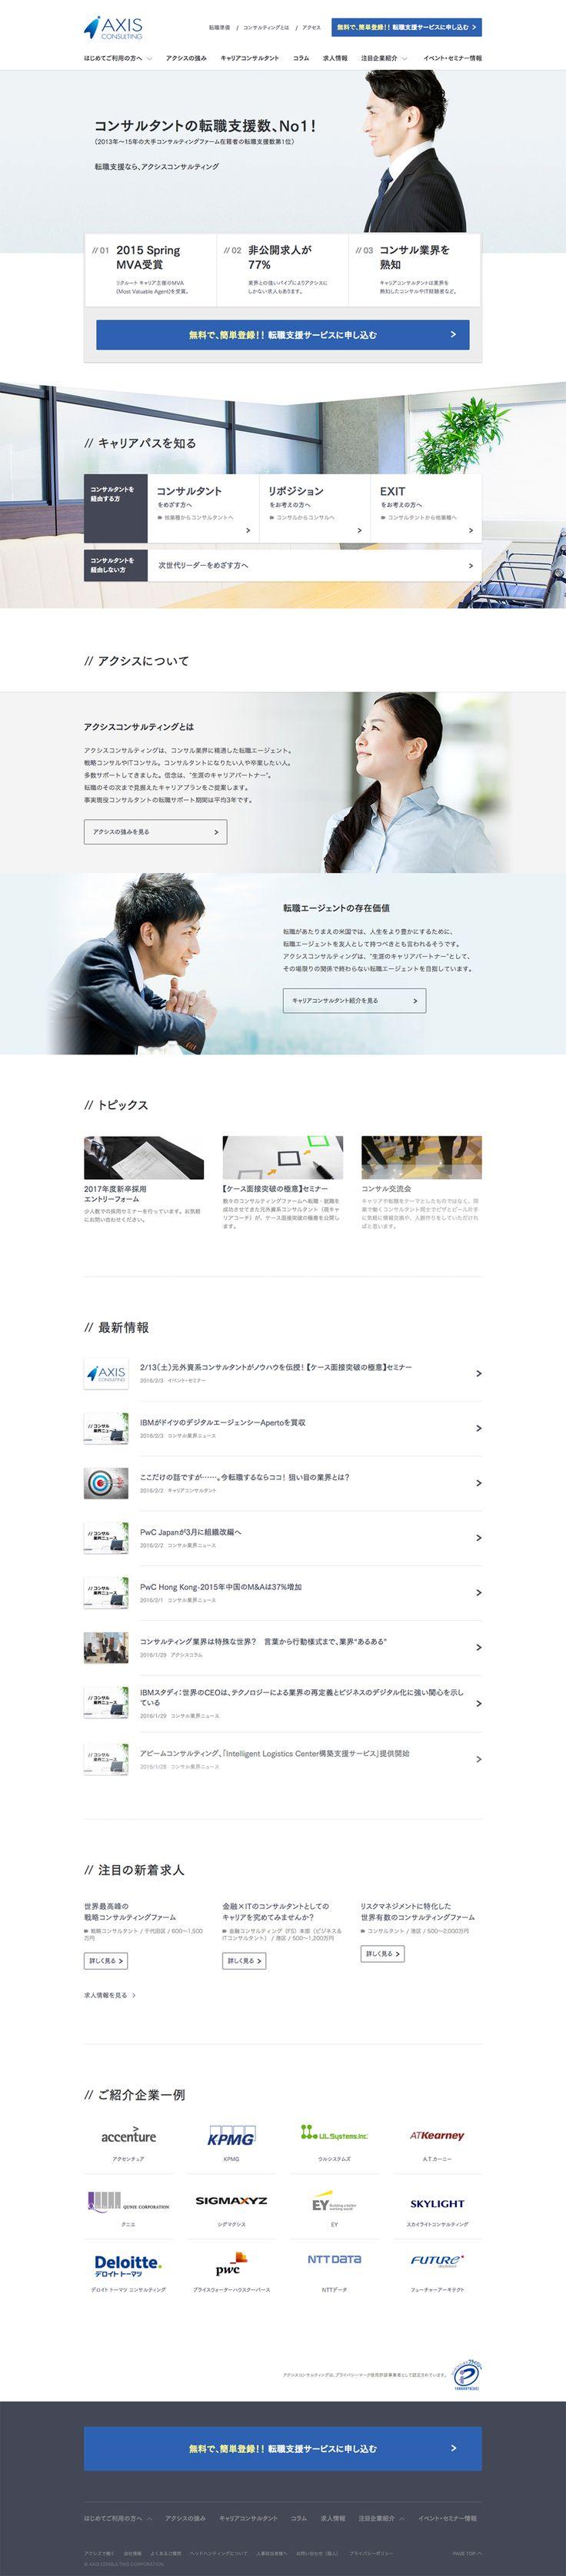 アクシスコンサルティング コーポレートサイト | FOURDIGIT DESIGN Inc.